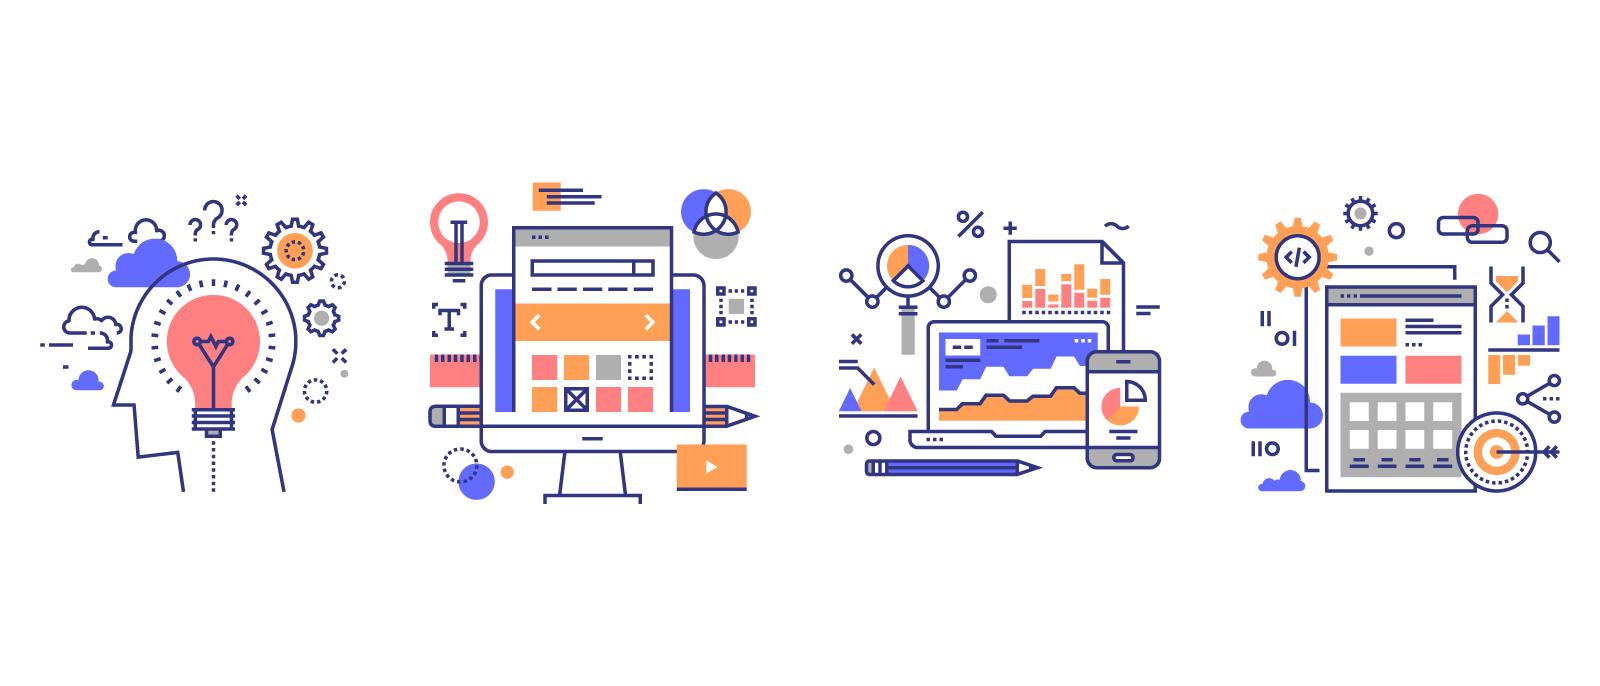 Webentwicklung Procezzen